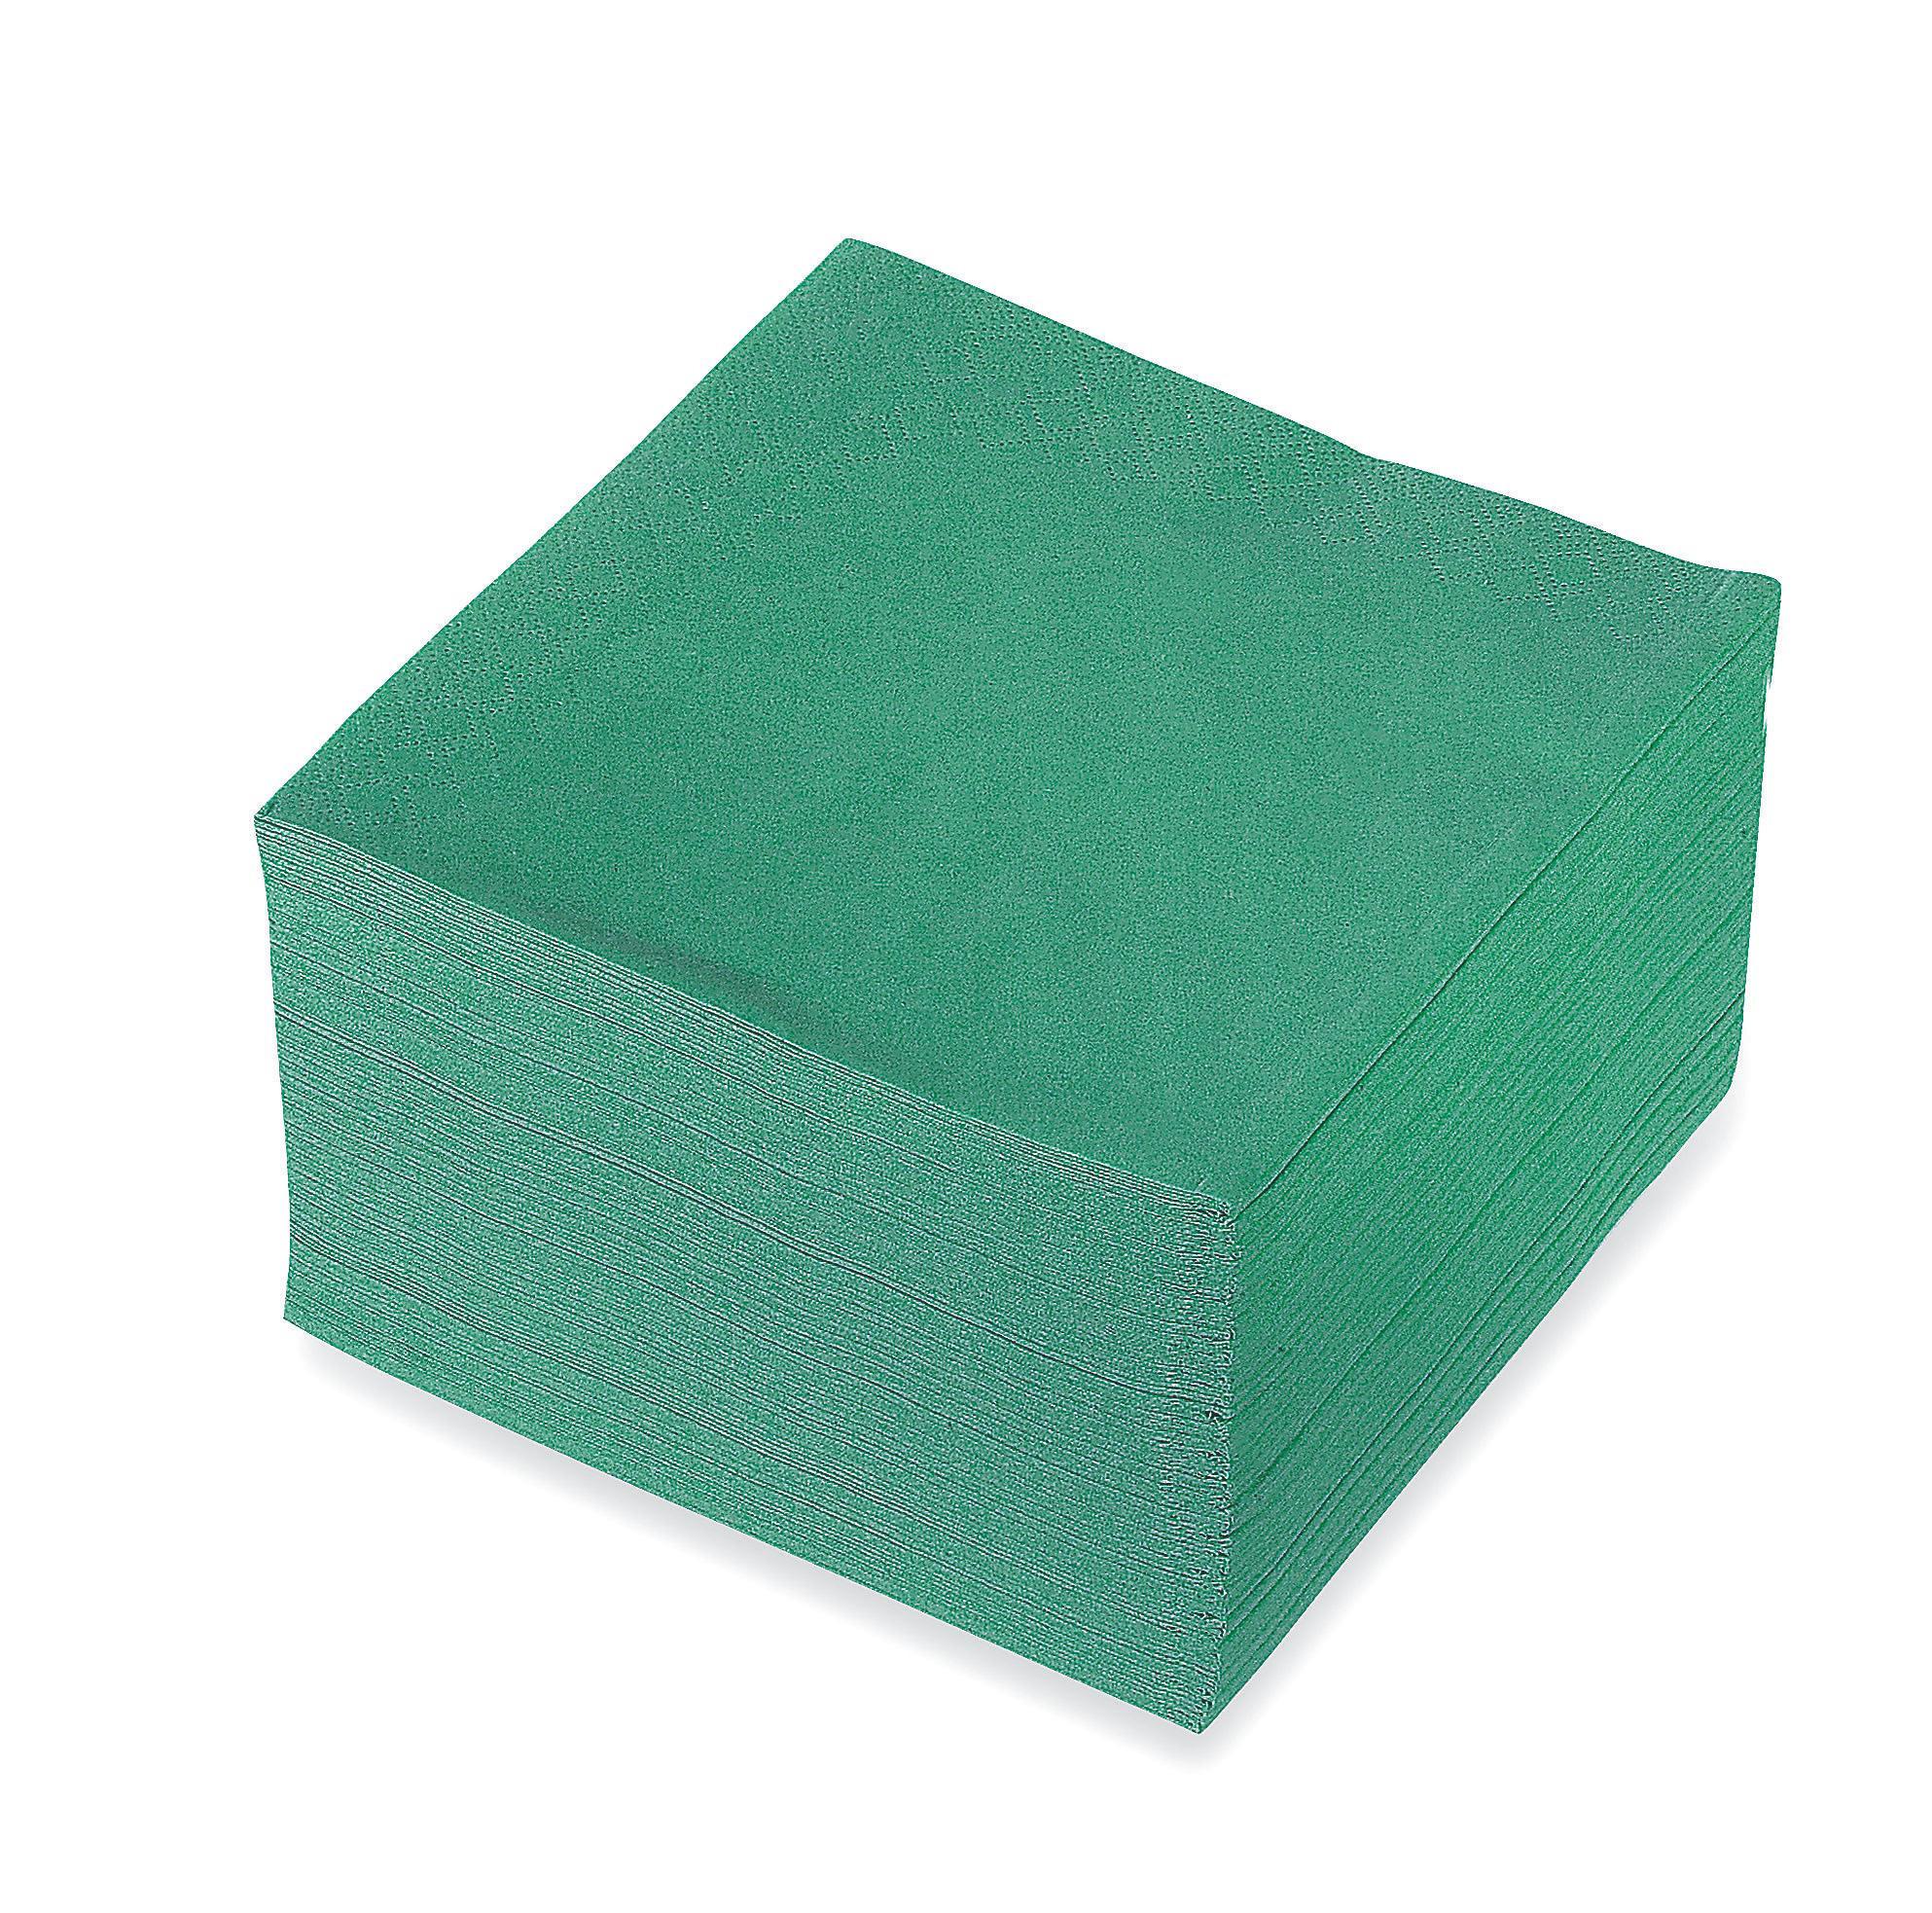 SERVIETTE - Grün, Basics, Papier (40/40cm) - XXXLPACK